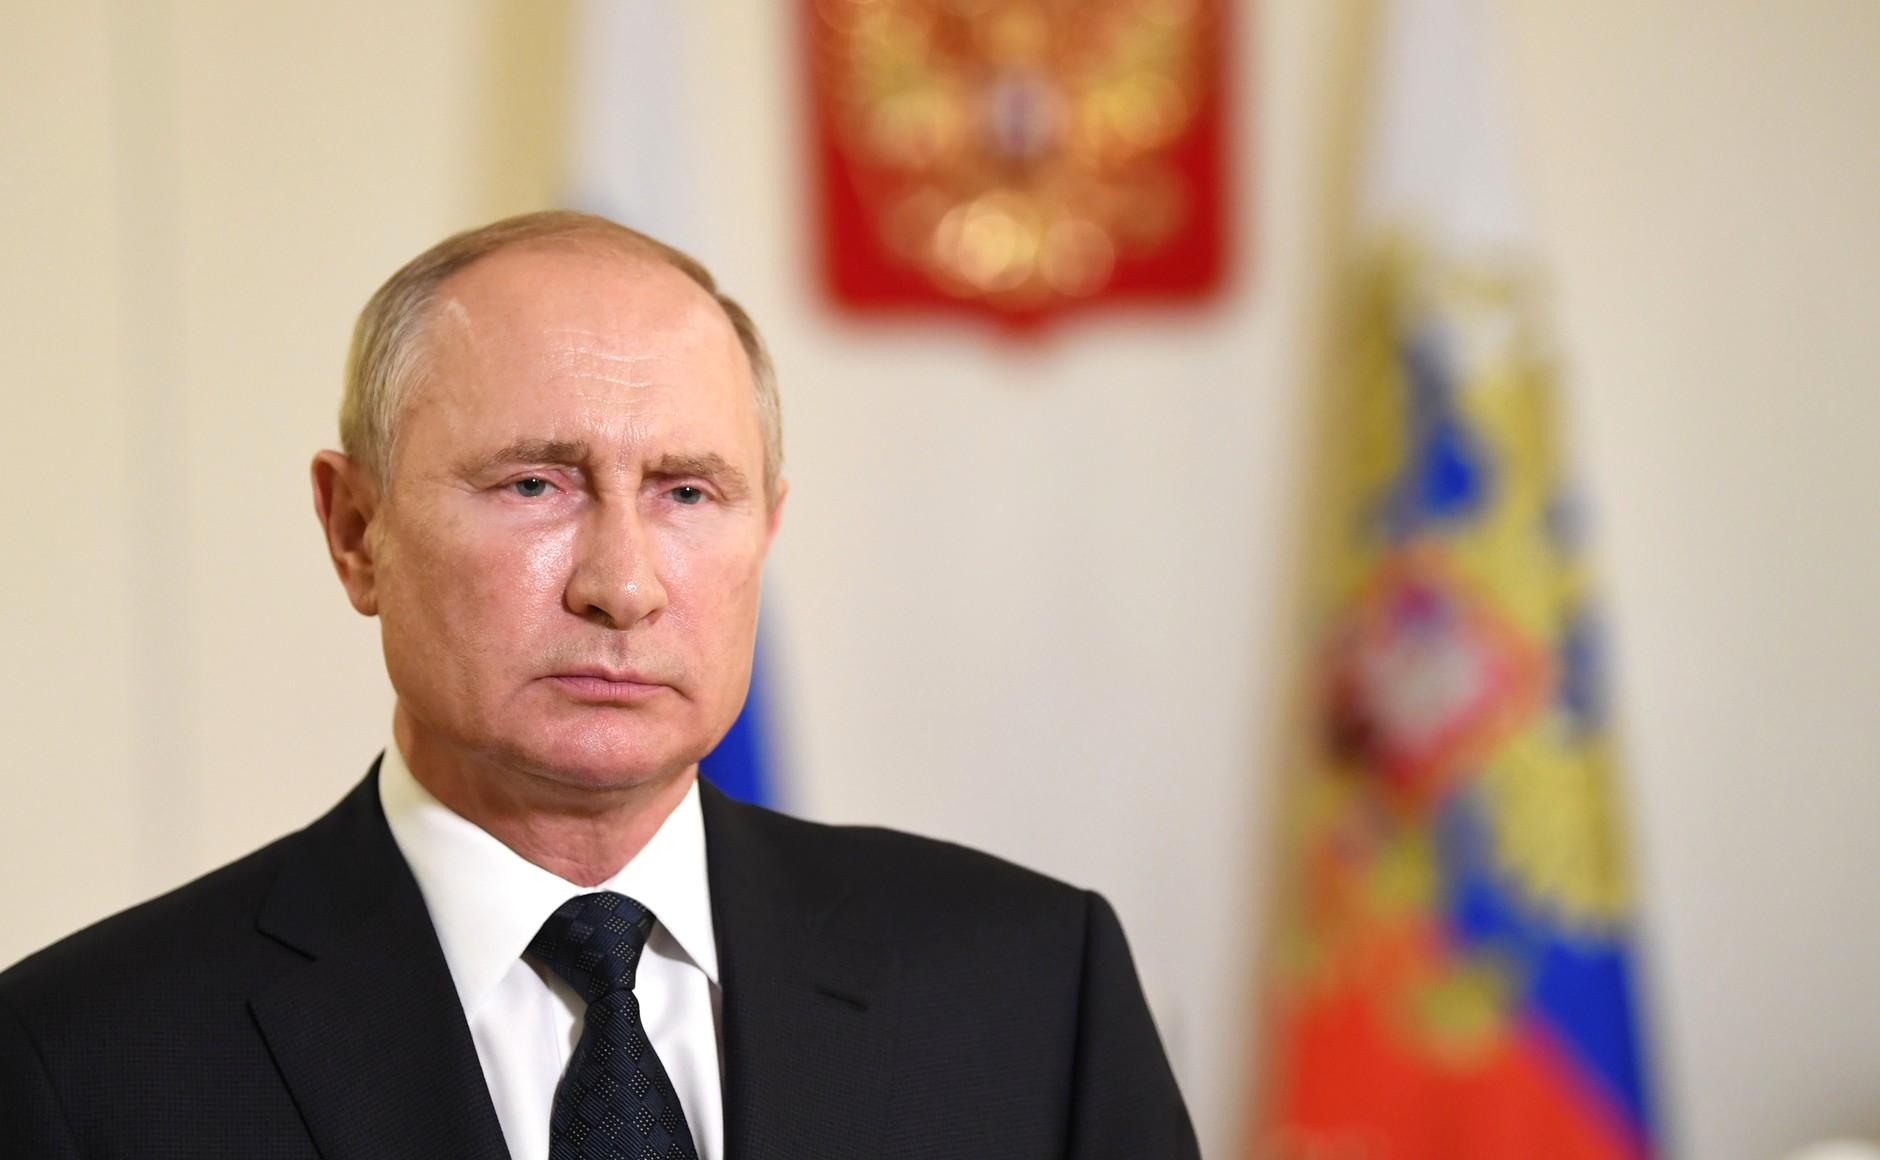 Сегодня Владимир Путин проведёт большую ежегодную пресс-конференцию